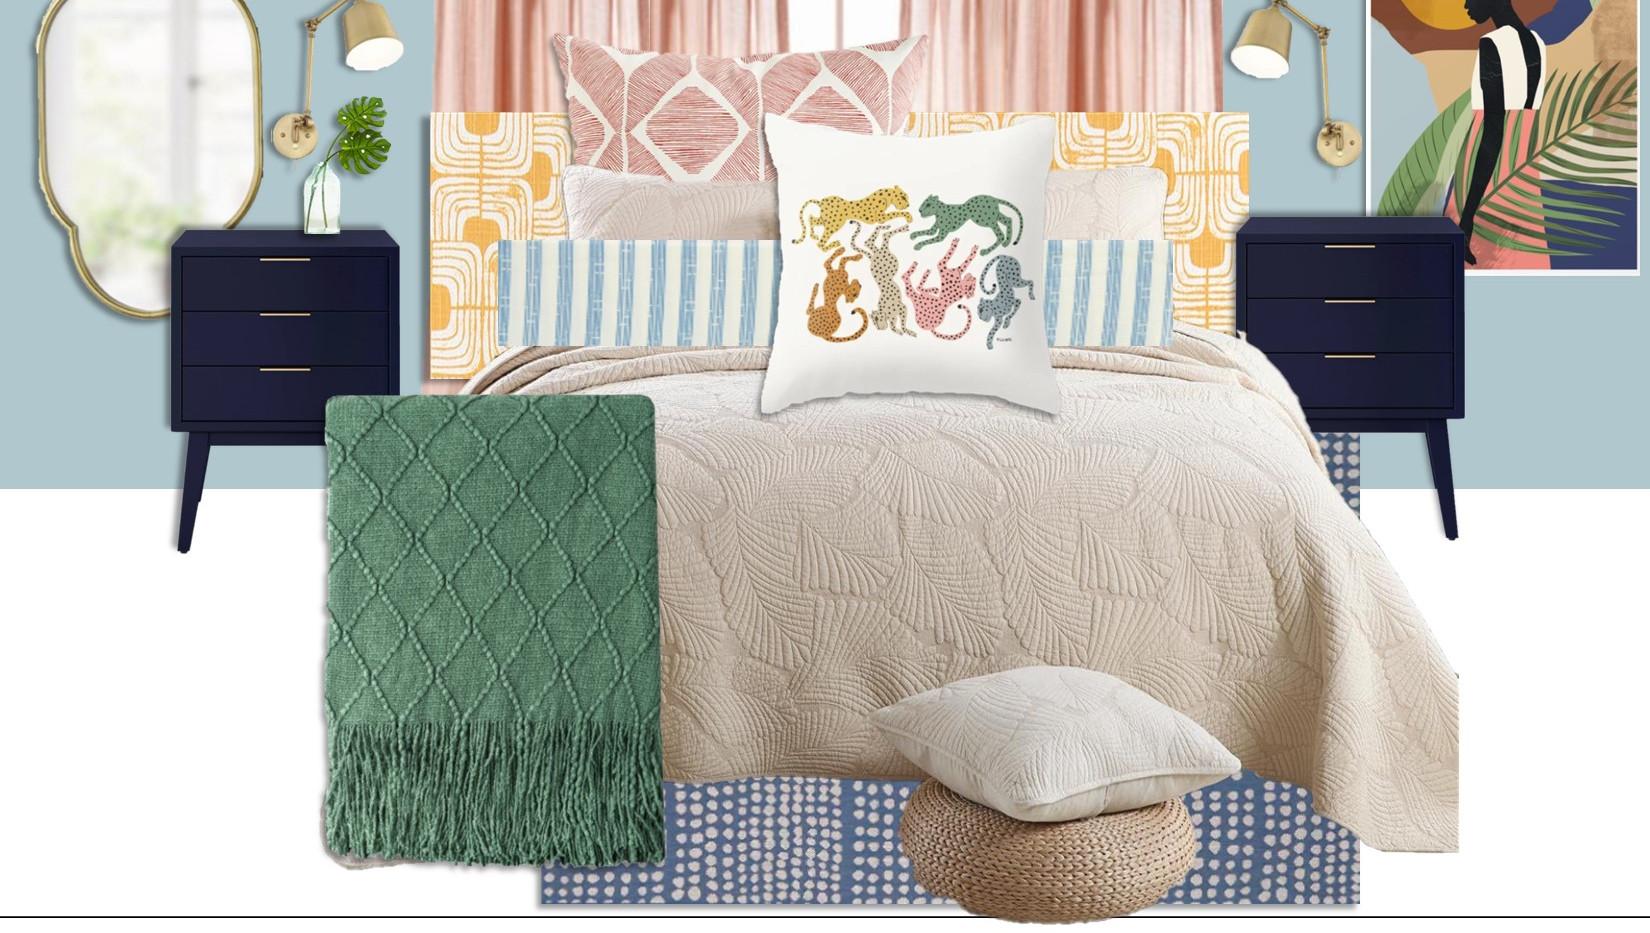 Bedroom Design w QUILT.jpg